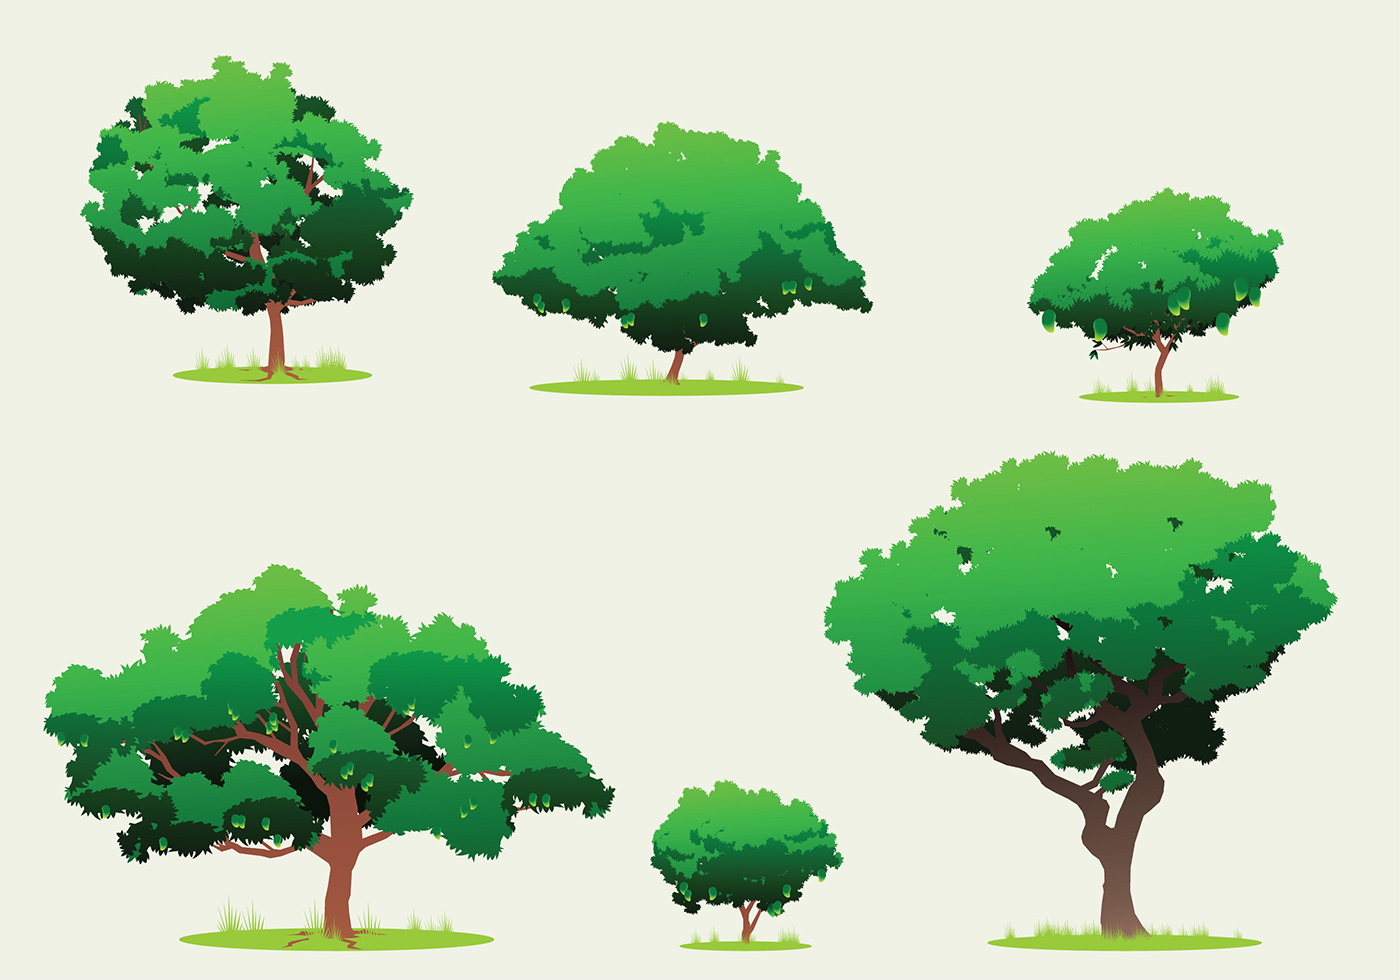 Mango Tree Free Vector - Download Free Vectors, Clipart ...